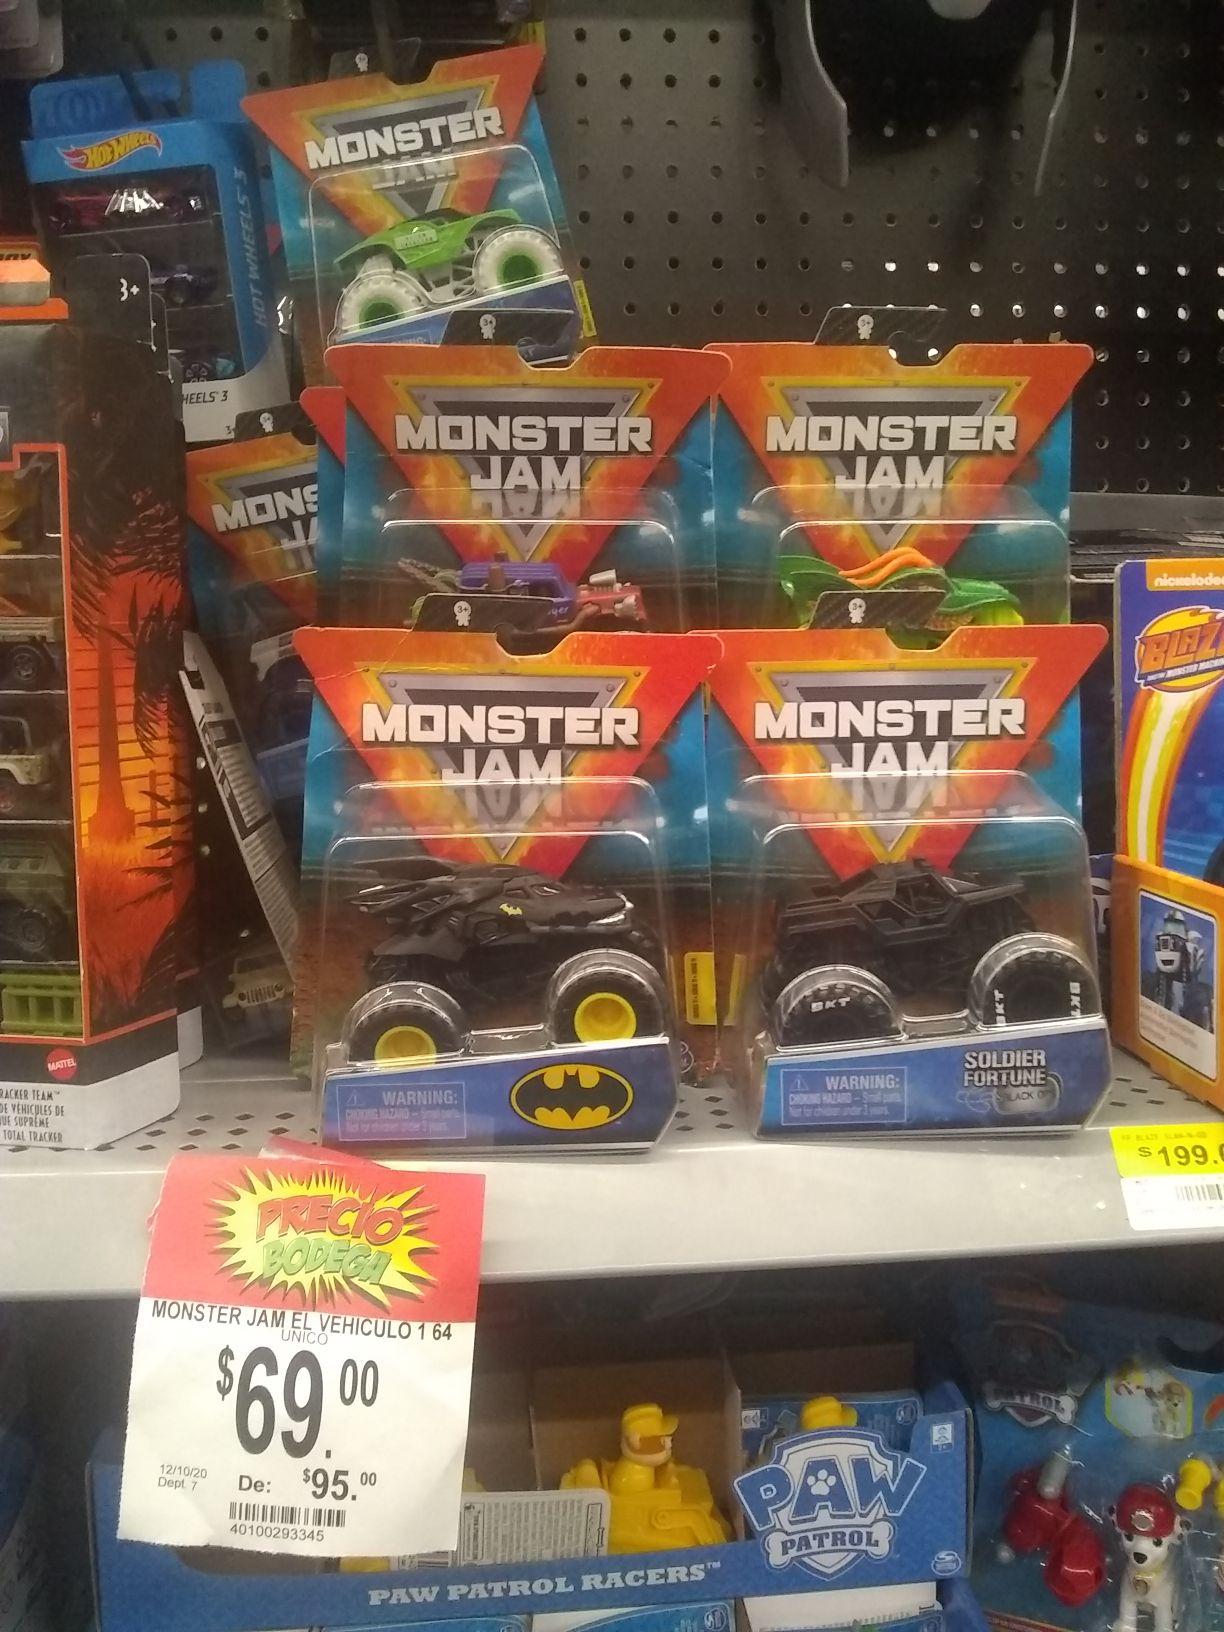 Bodega Aurrerá: Monster Jam Batman